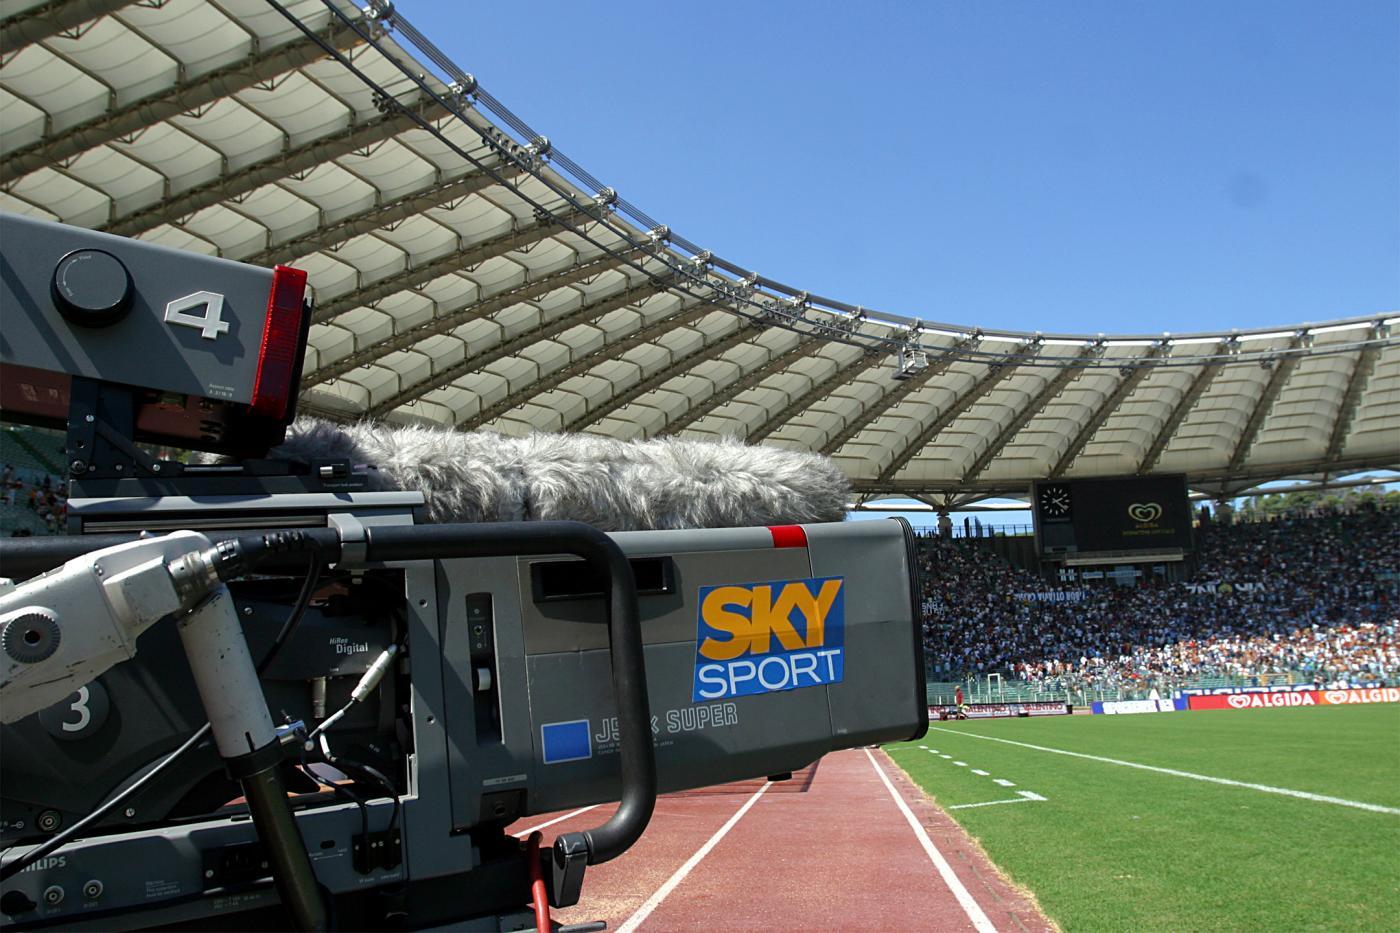 Scontro Sky-Gazzetta per le parole di Tebas. Il direttore Monti: «Malizioso parlare così di Cairo»